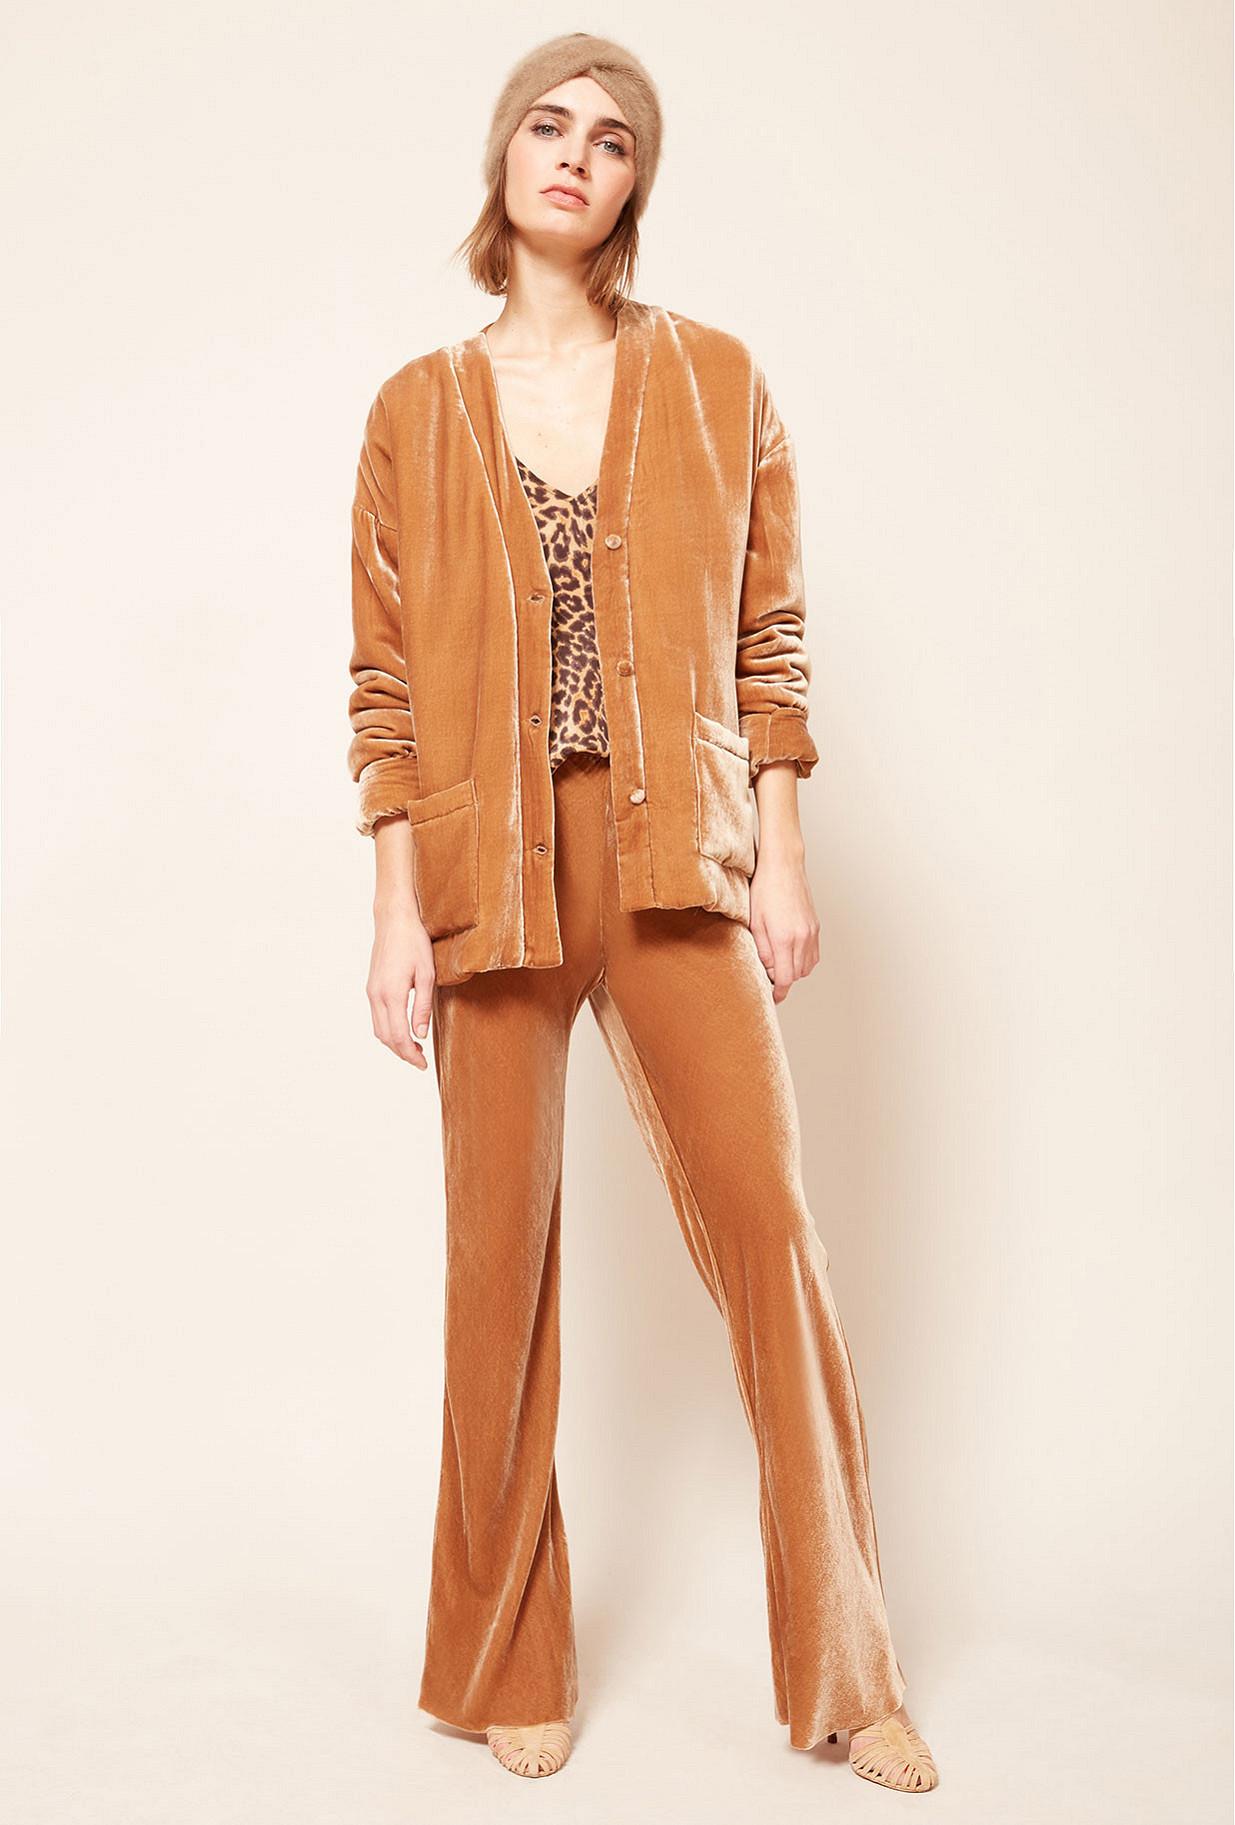 Paris boutique de mode vêtement Veste créateur bohème  Sucker